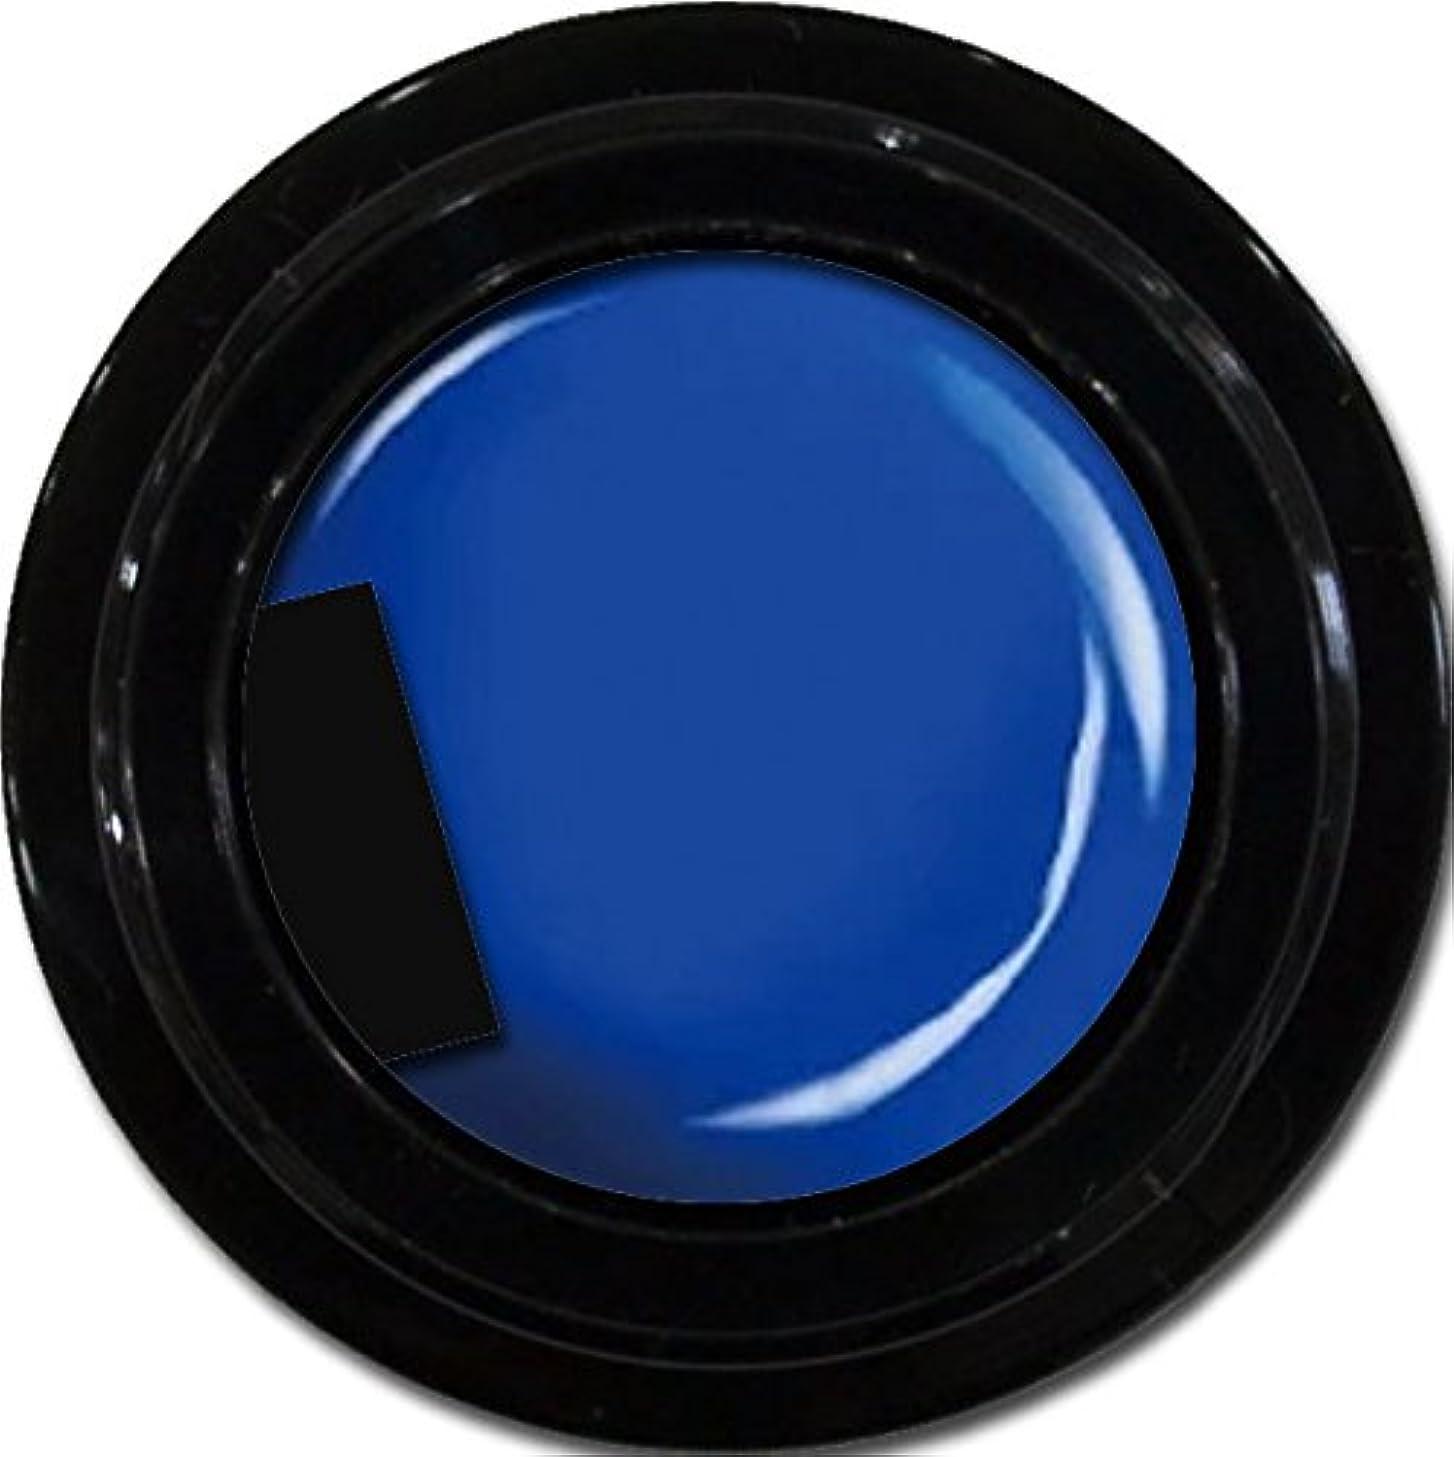 運命的な驚フレームワークカラージェル enchant color gel M708 UltraMarine 3g/ マットカラージェル M708 ウルトラマリン 3グラム